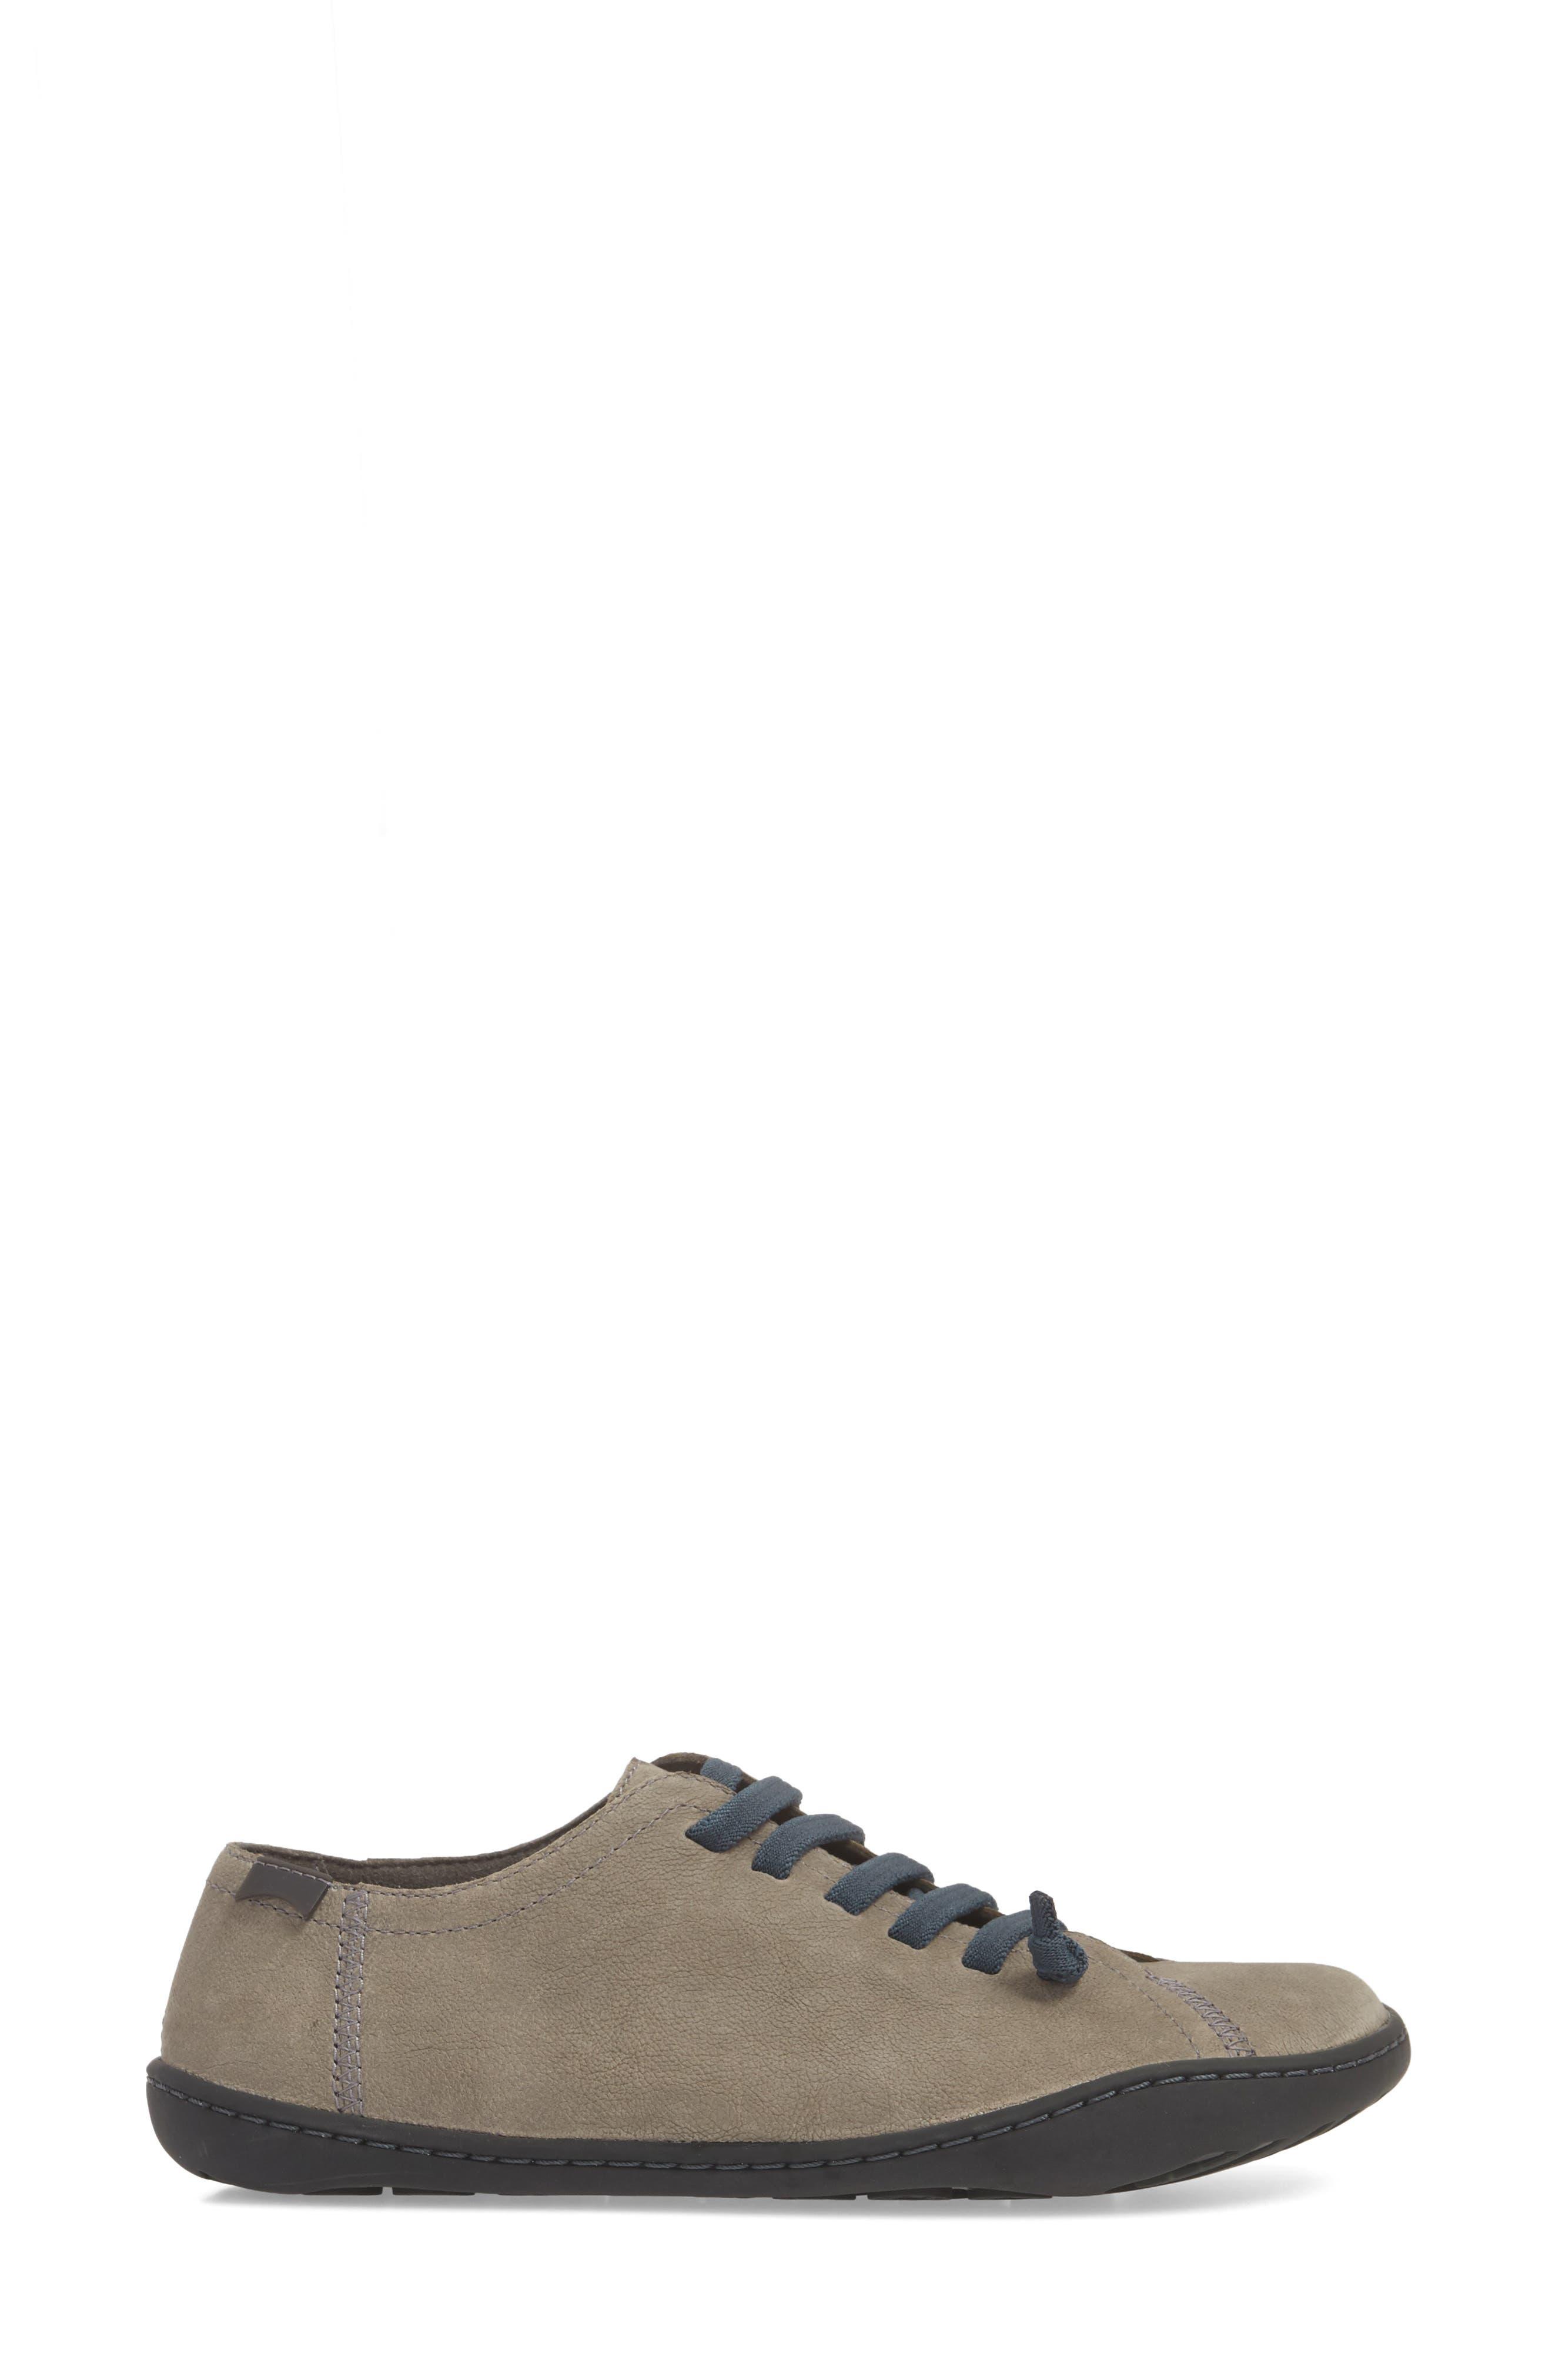 Peu Cami Sneaker,                             Alternate thumbnail 3, color,                             GRAY